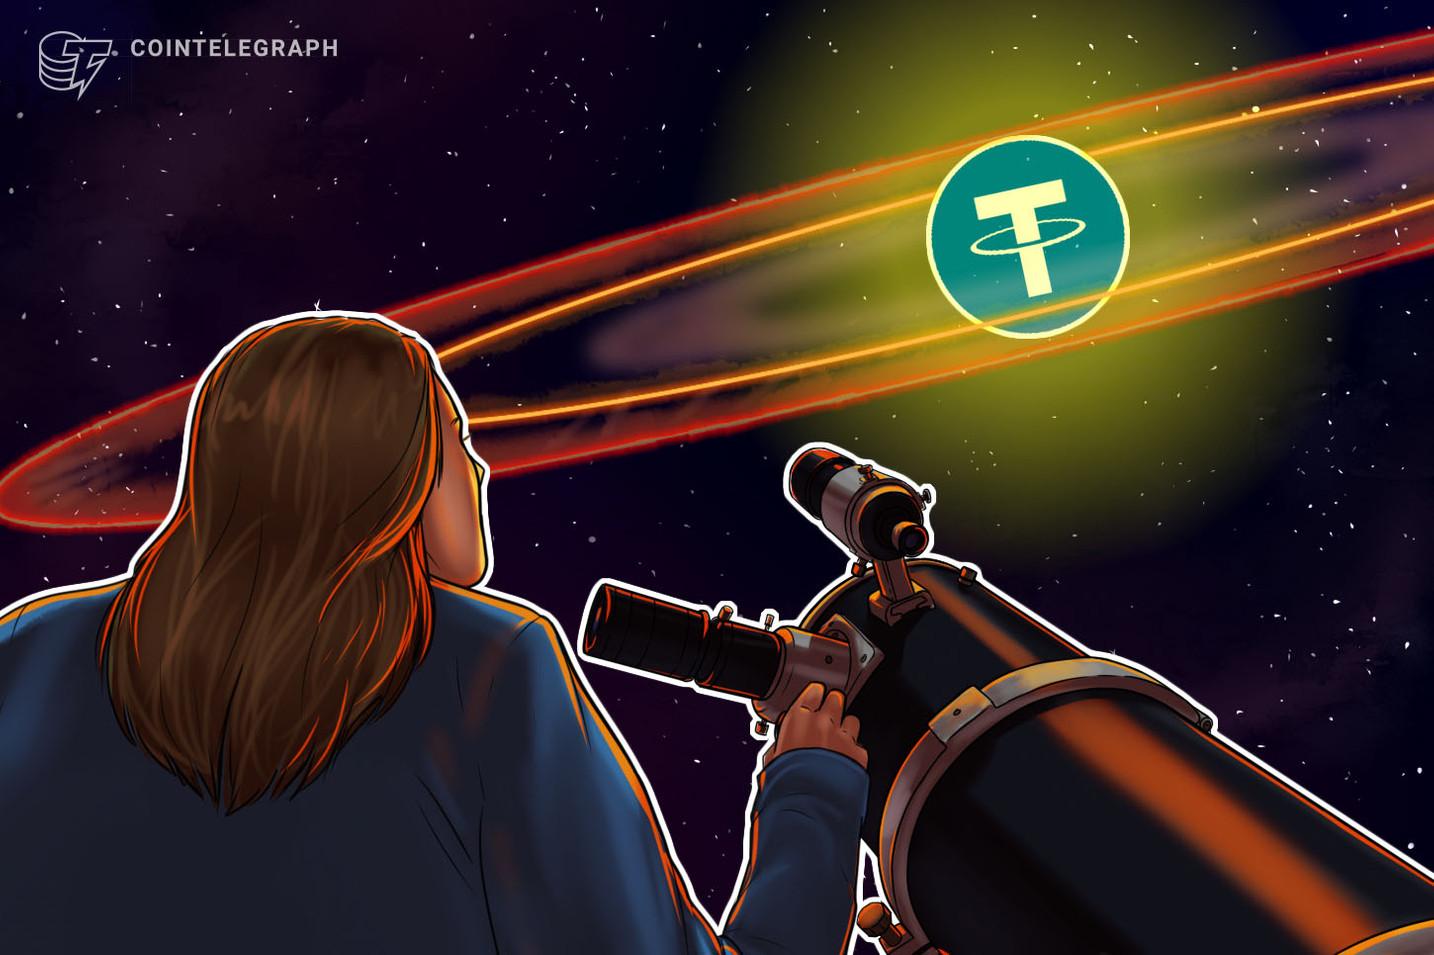 Tether обещает аудит через `` месяцы '', поскольку Paxos утверждает, что USDT не является настоящей стабильной монетой